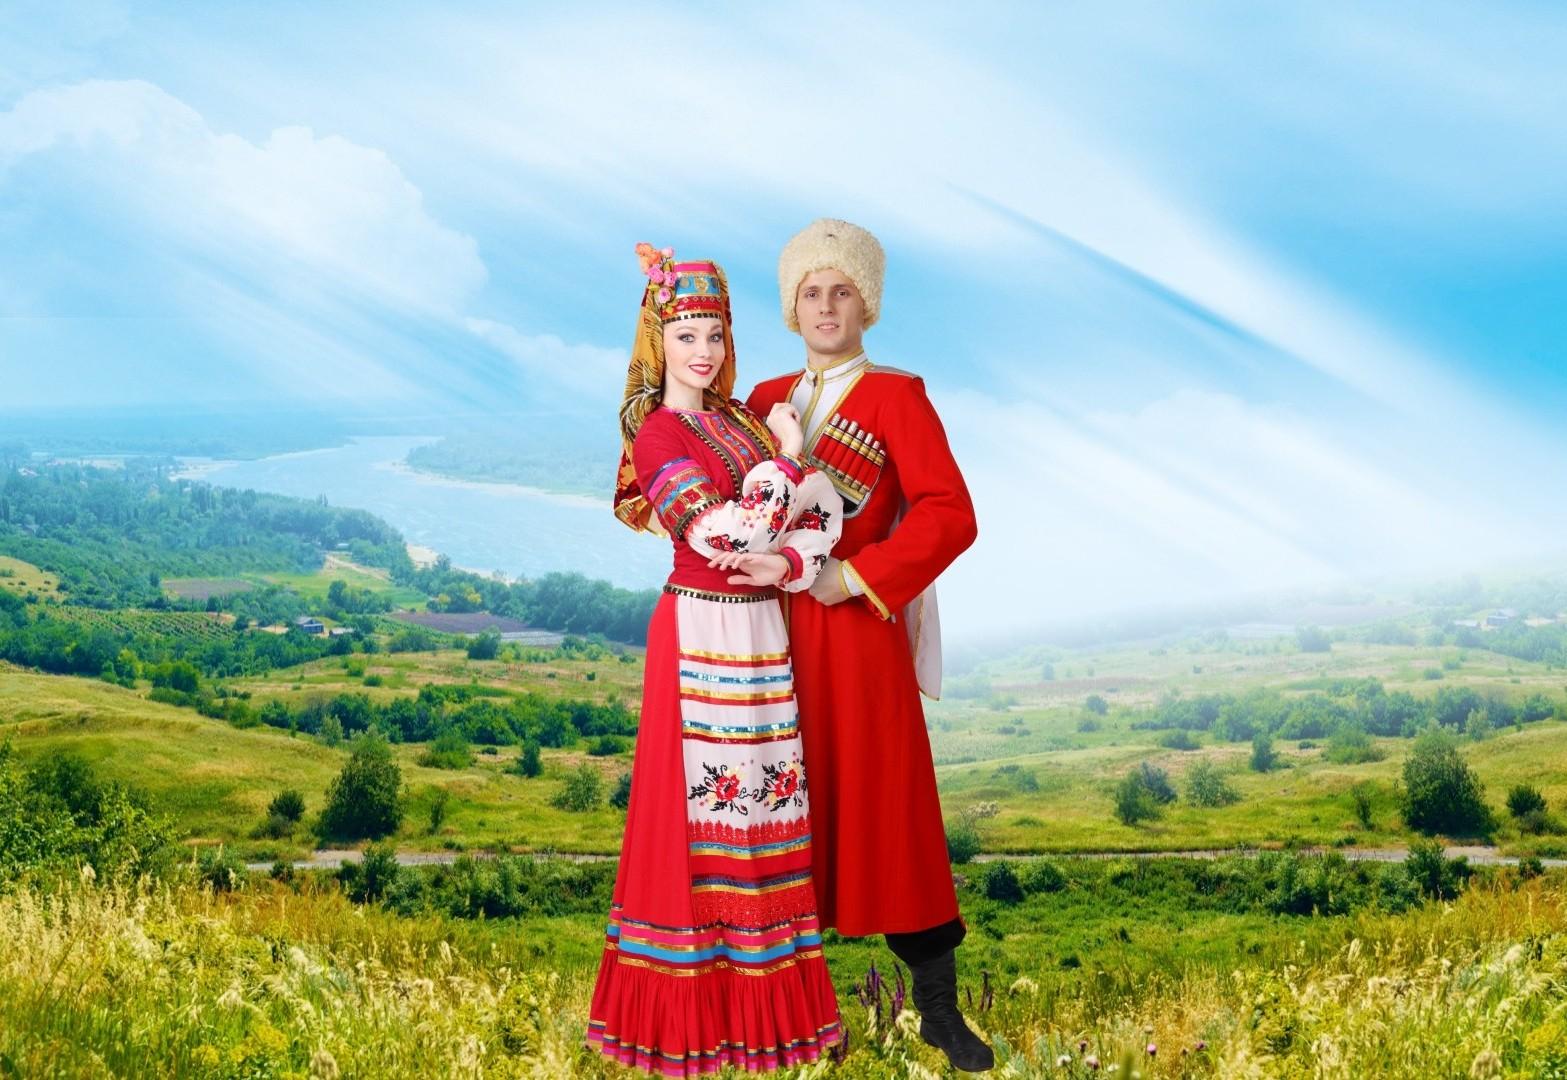 Купить билеты на шоу программу Казаья удаль. Билеты в Кремль